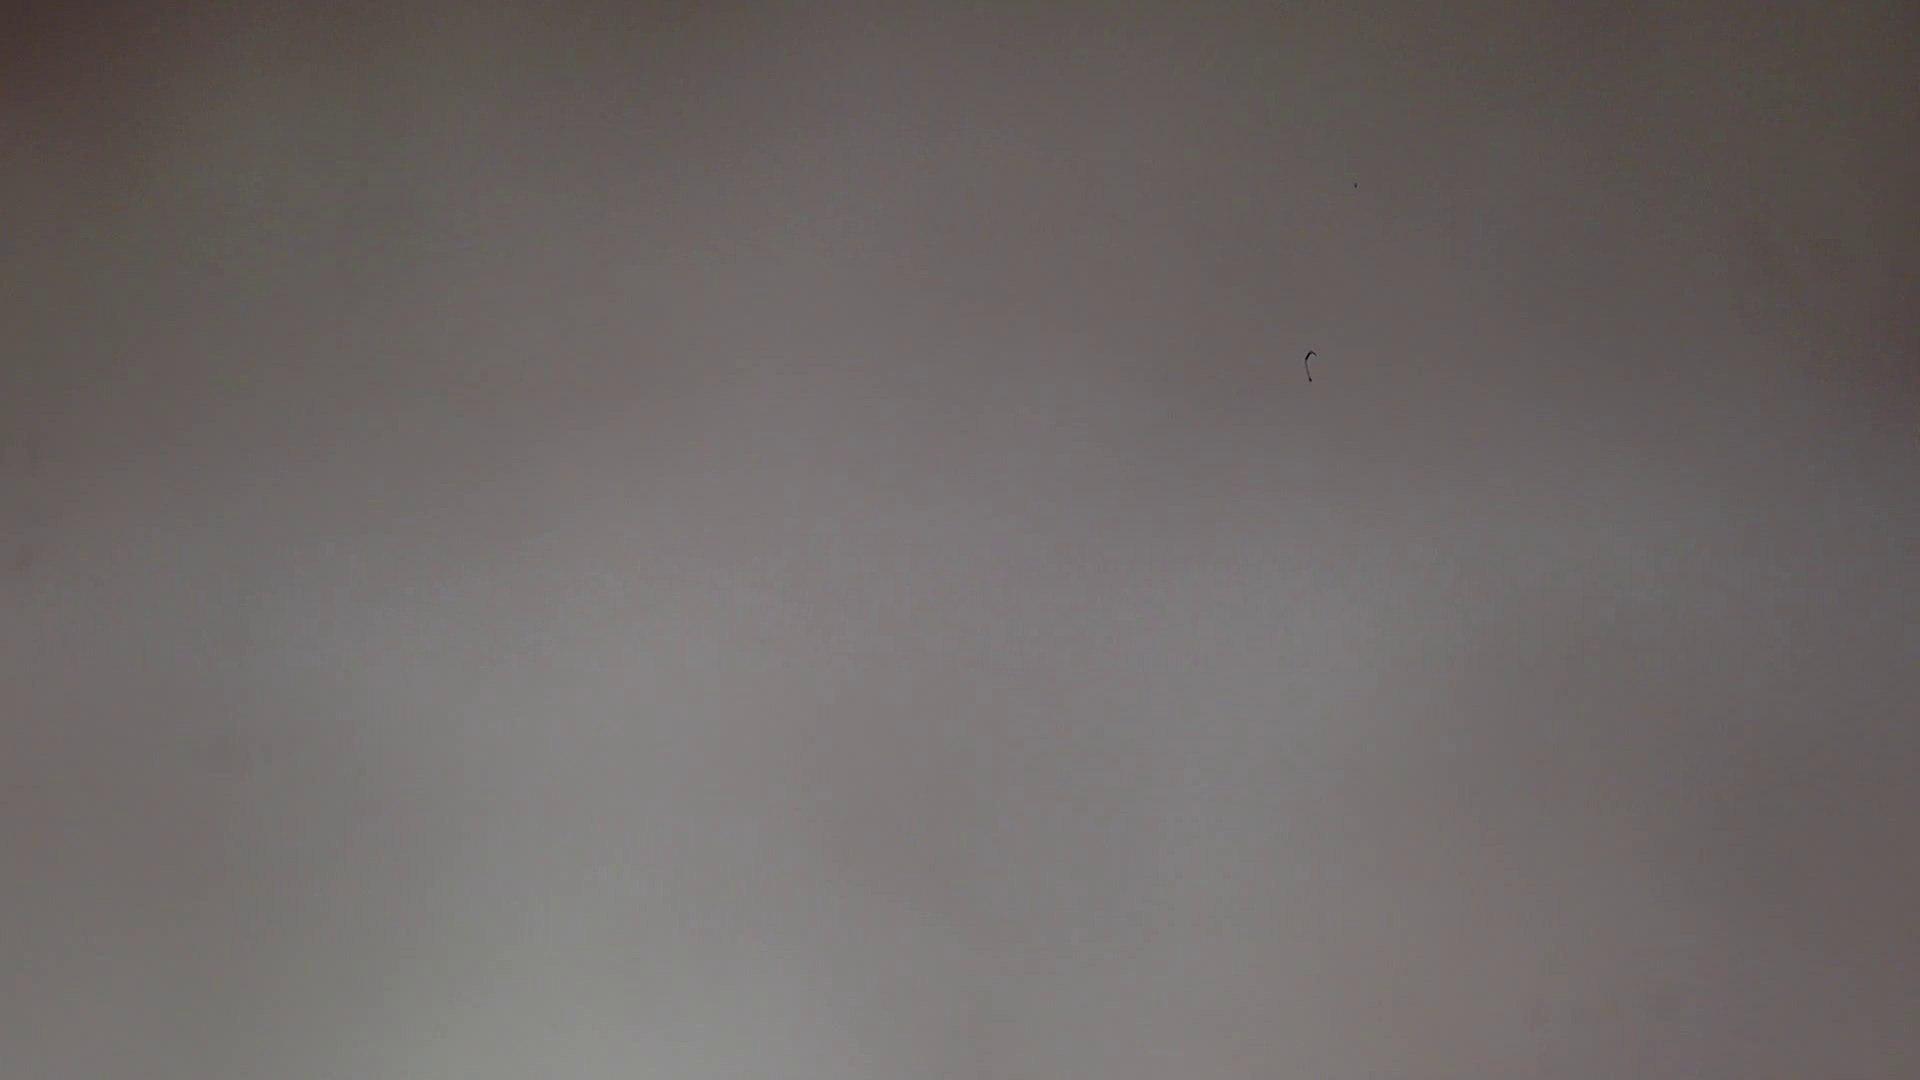 上級者の方専用 vol.03 OLセックス | 0  82画像 31